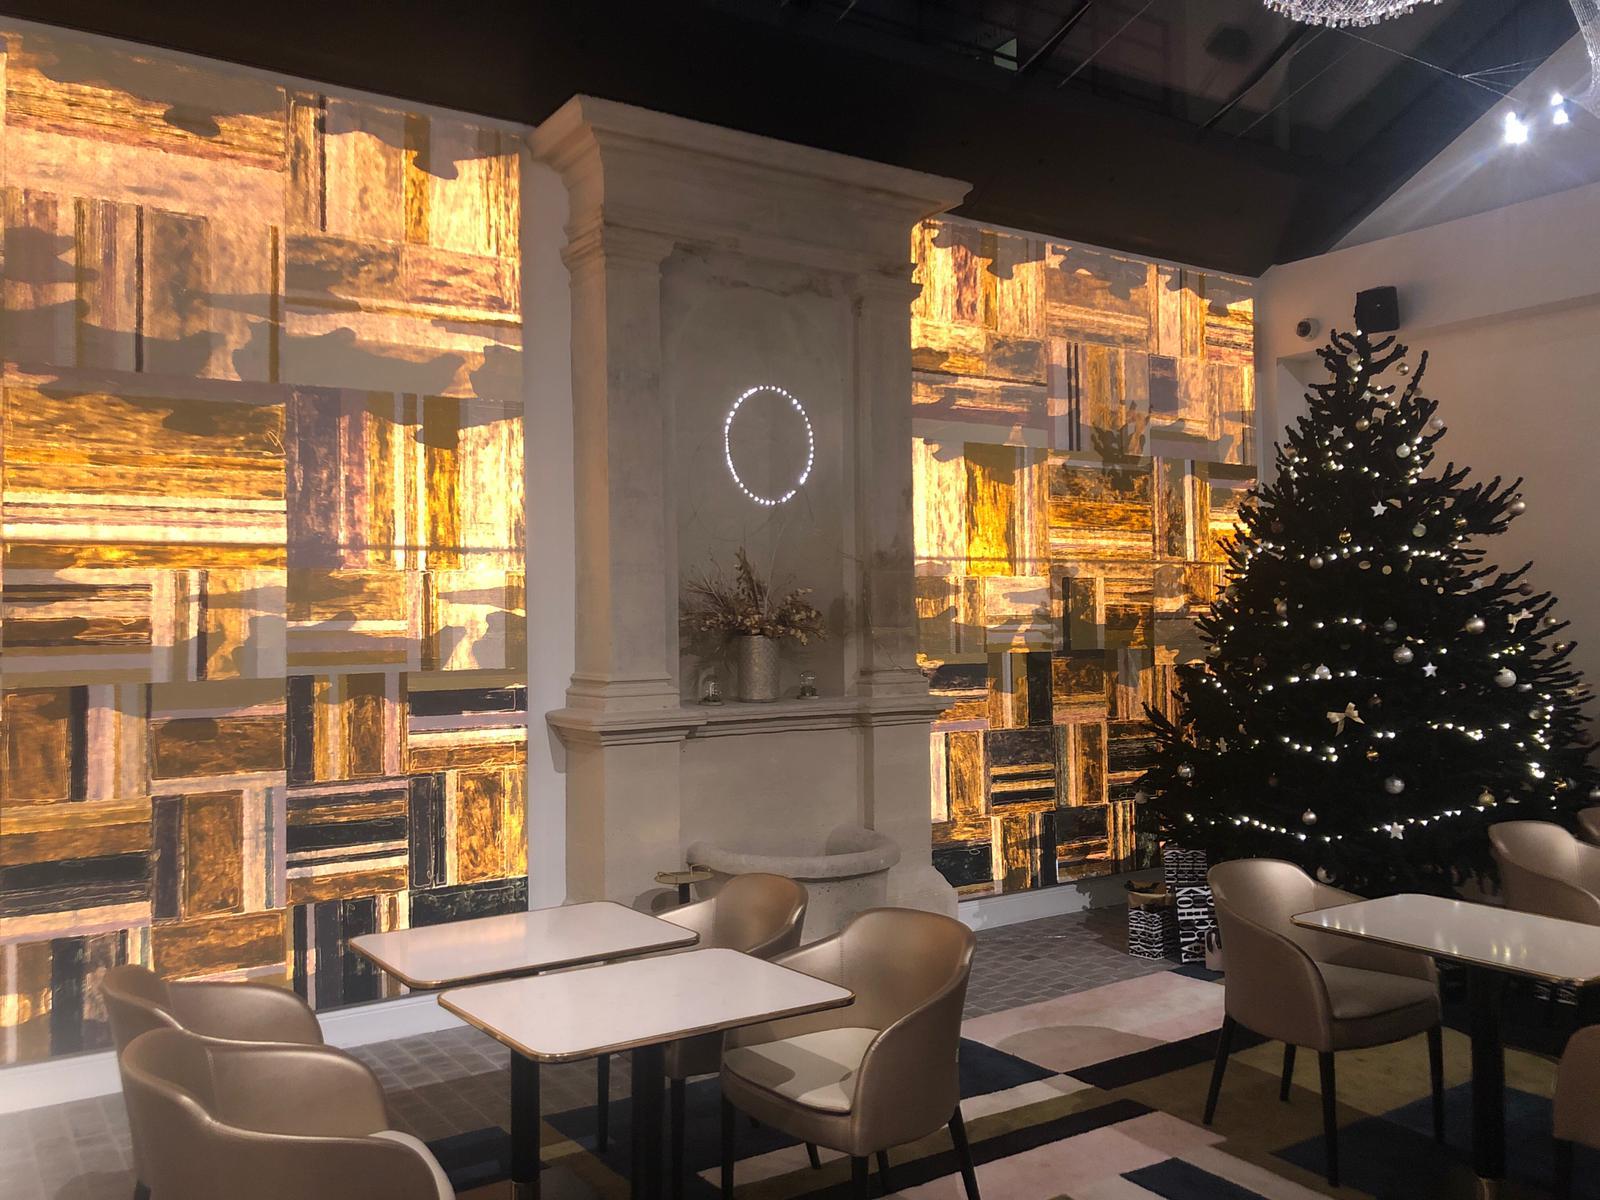 Les Plus Belles Decoration De Noel A Londres Et A Paris De Nicher